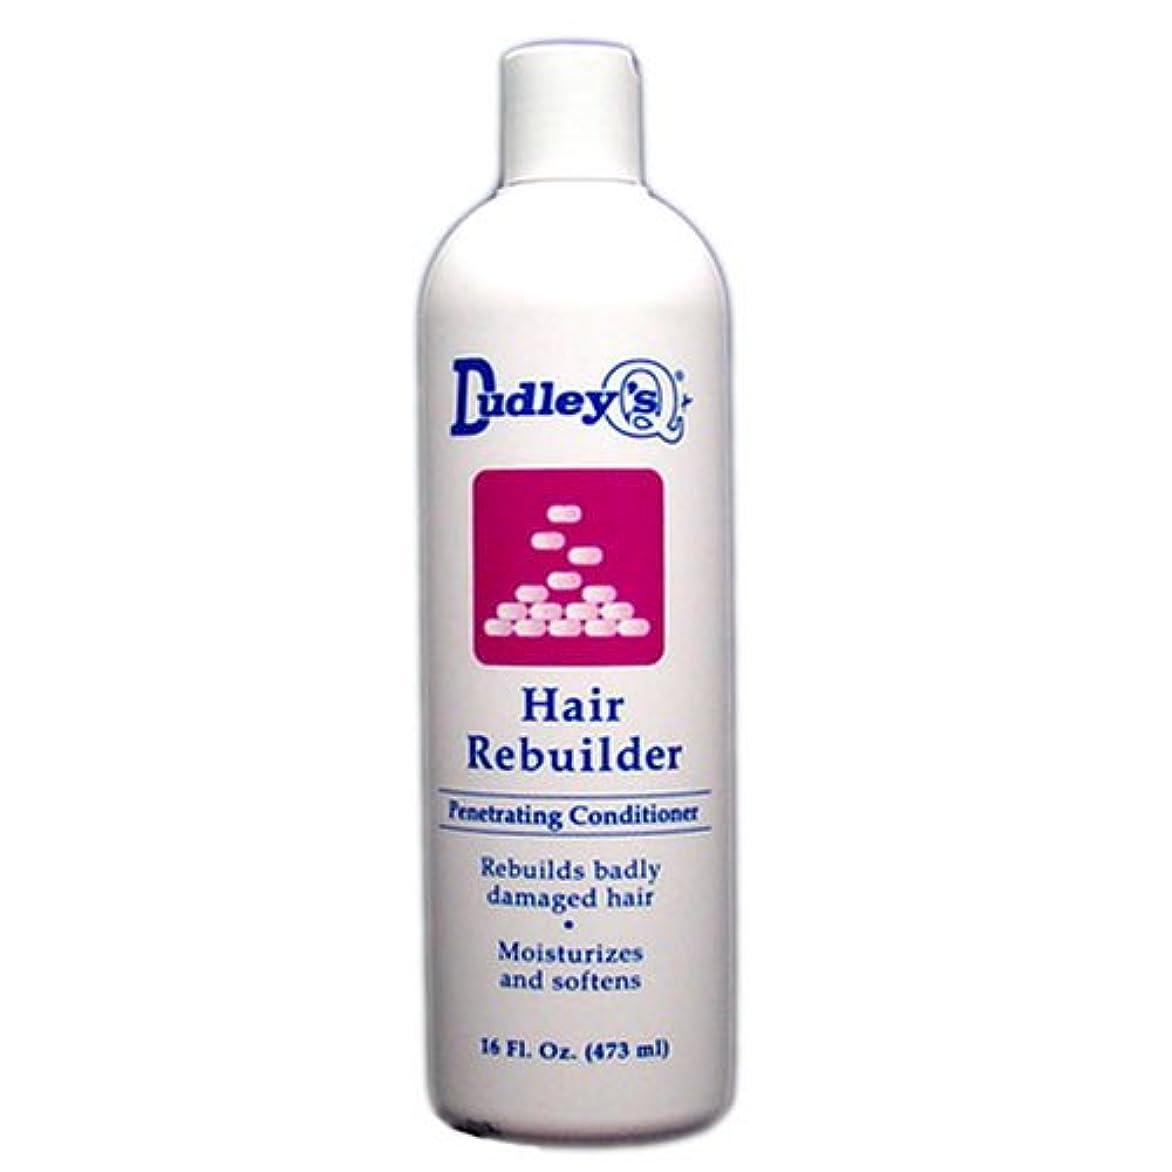 Dudley's 髪の再建浸透性コンディショナー、16オンス 16オンス